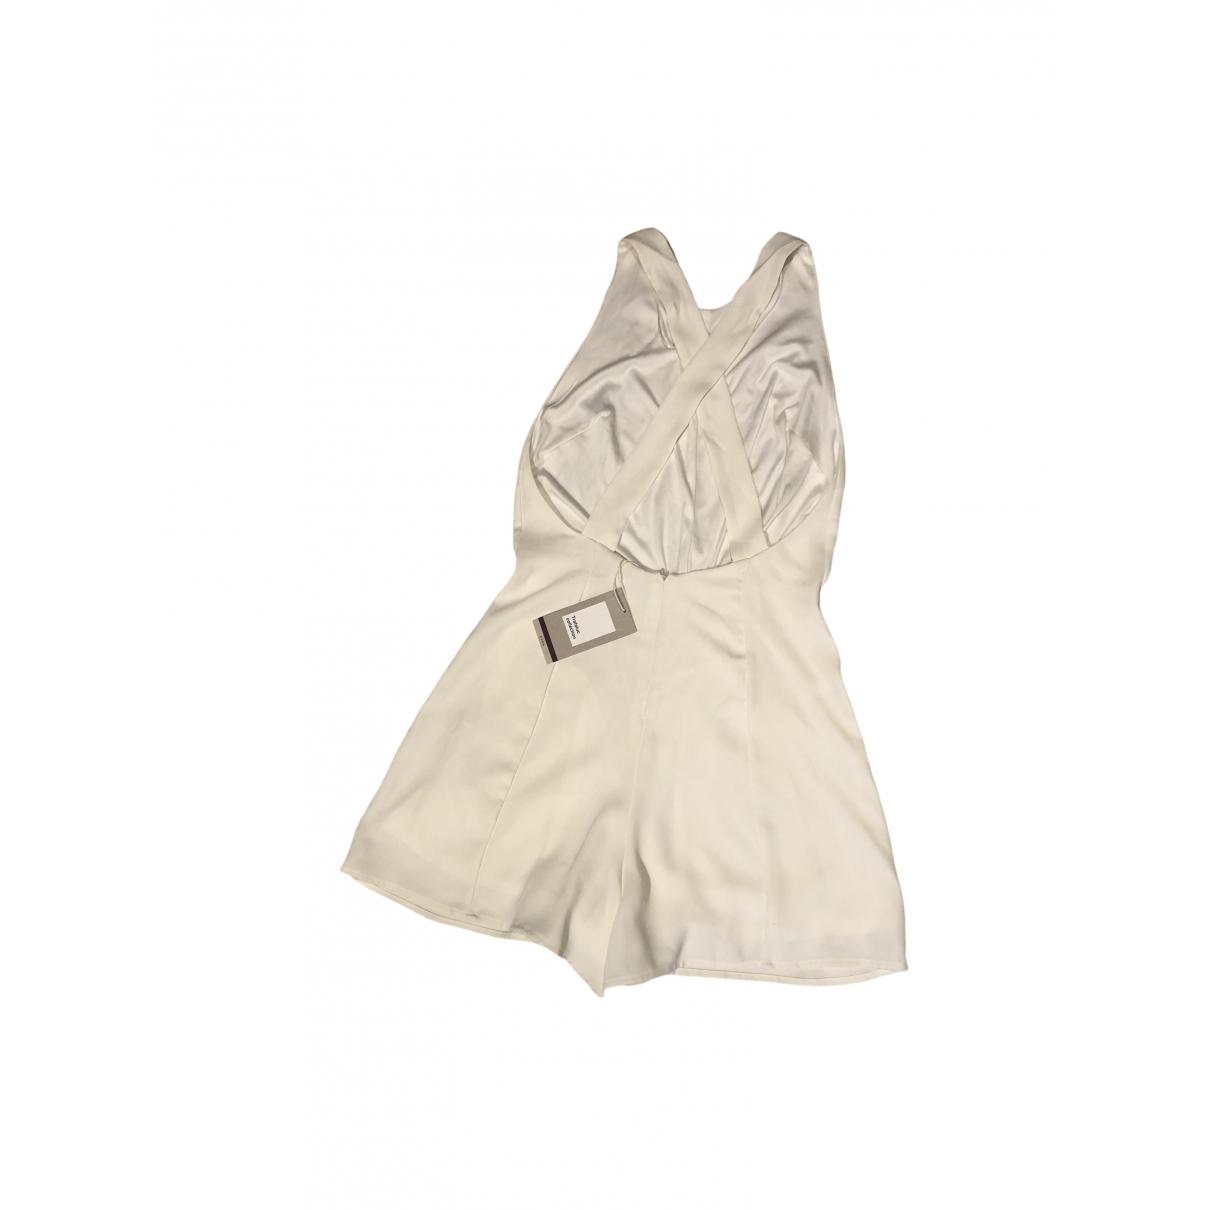 Zara \N White jumpsuit for Women M International